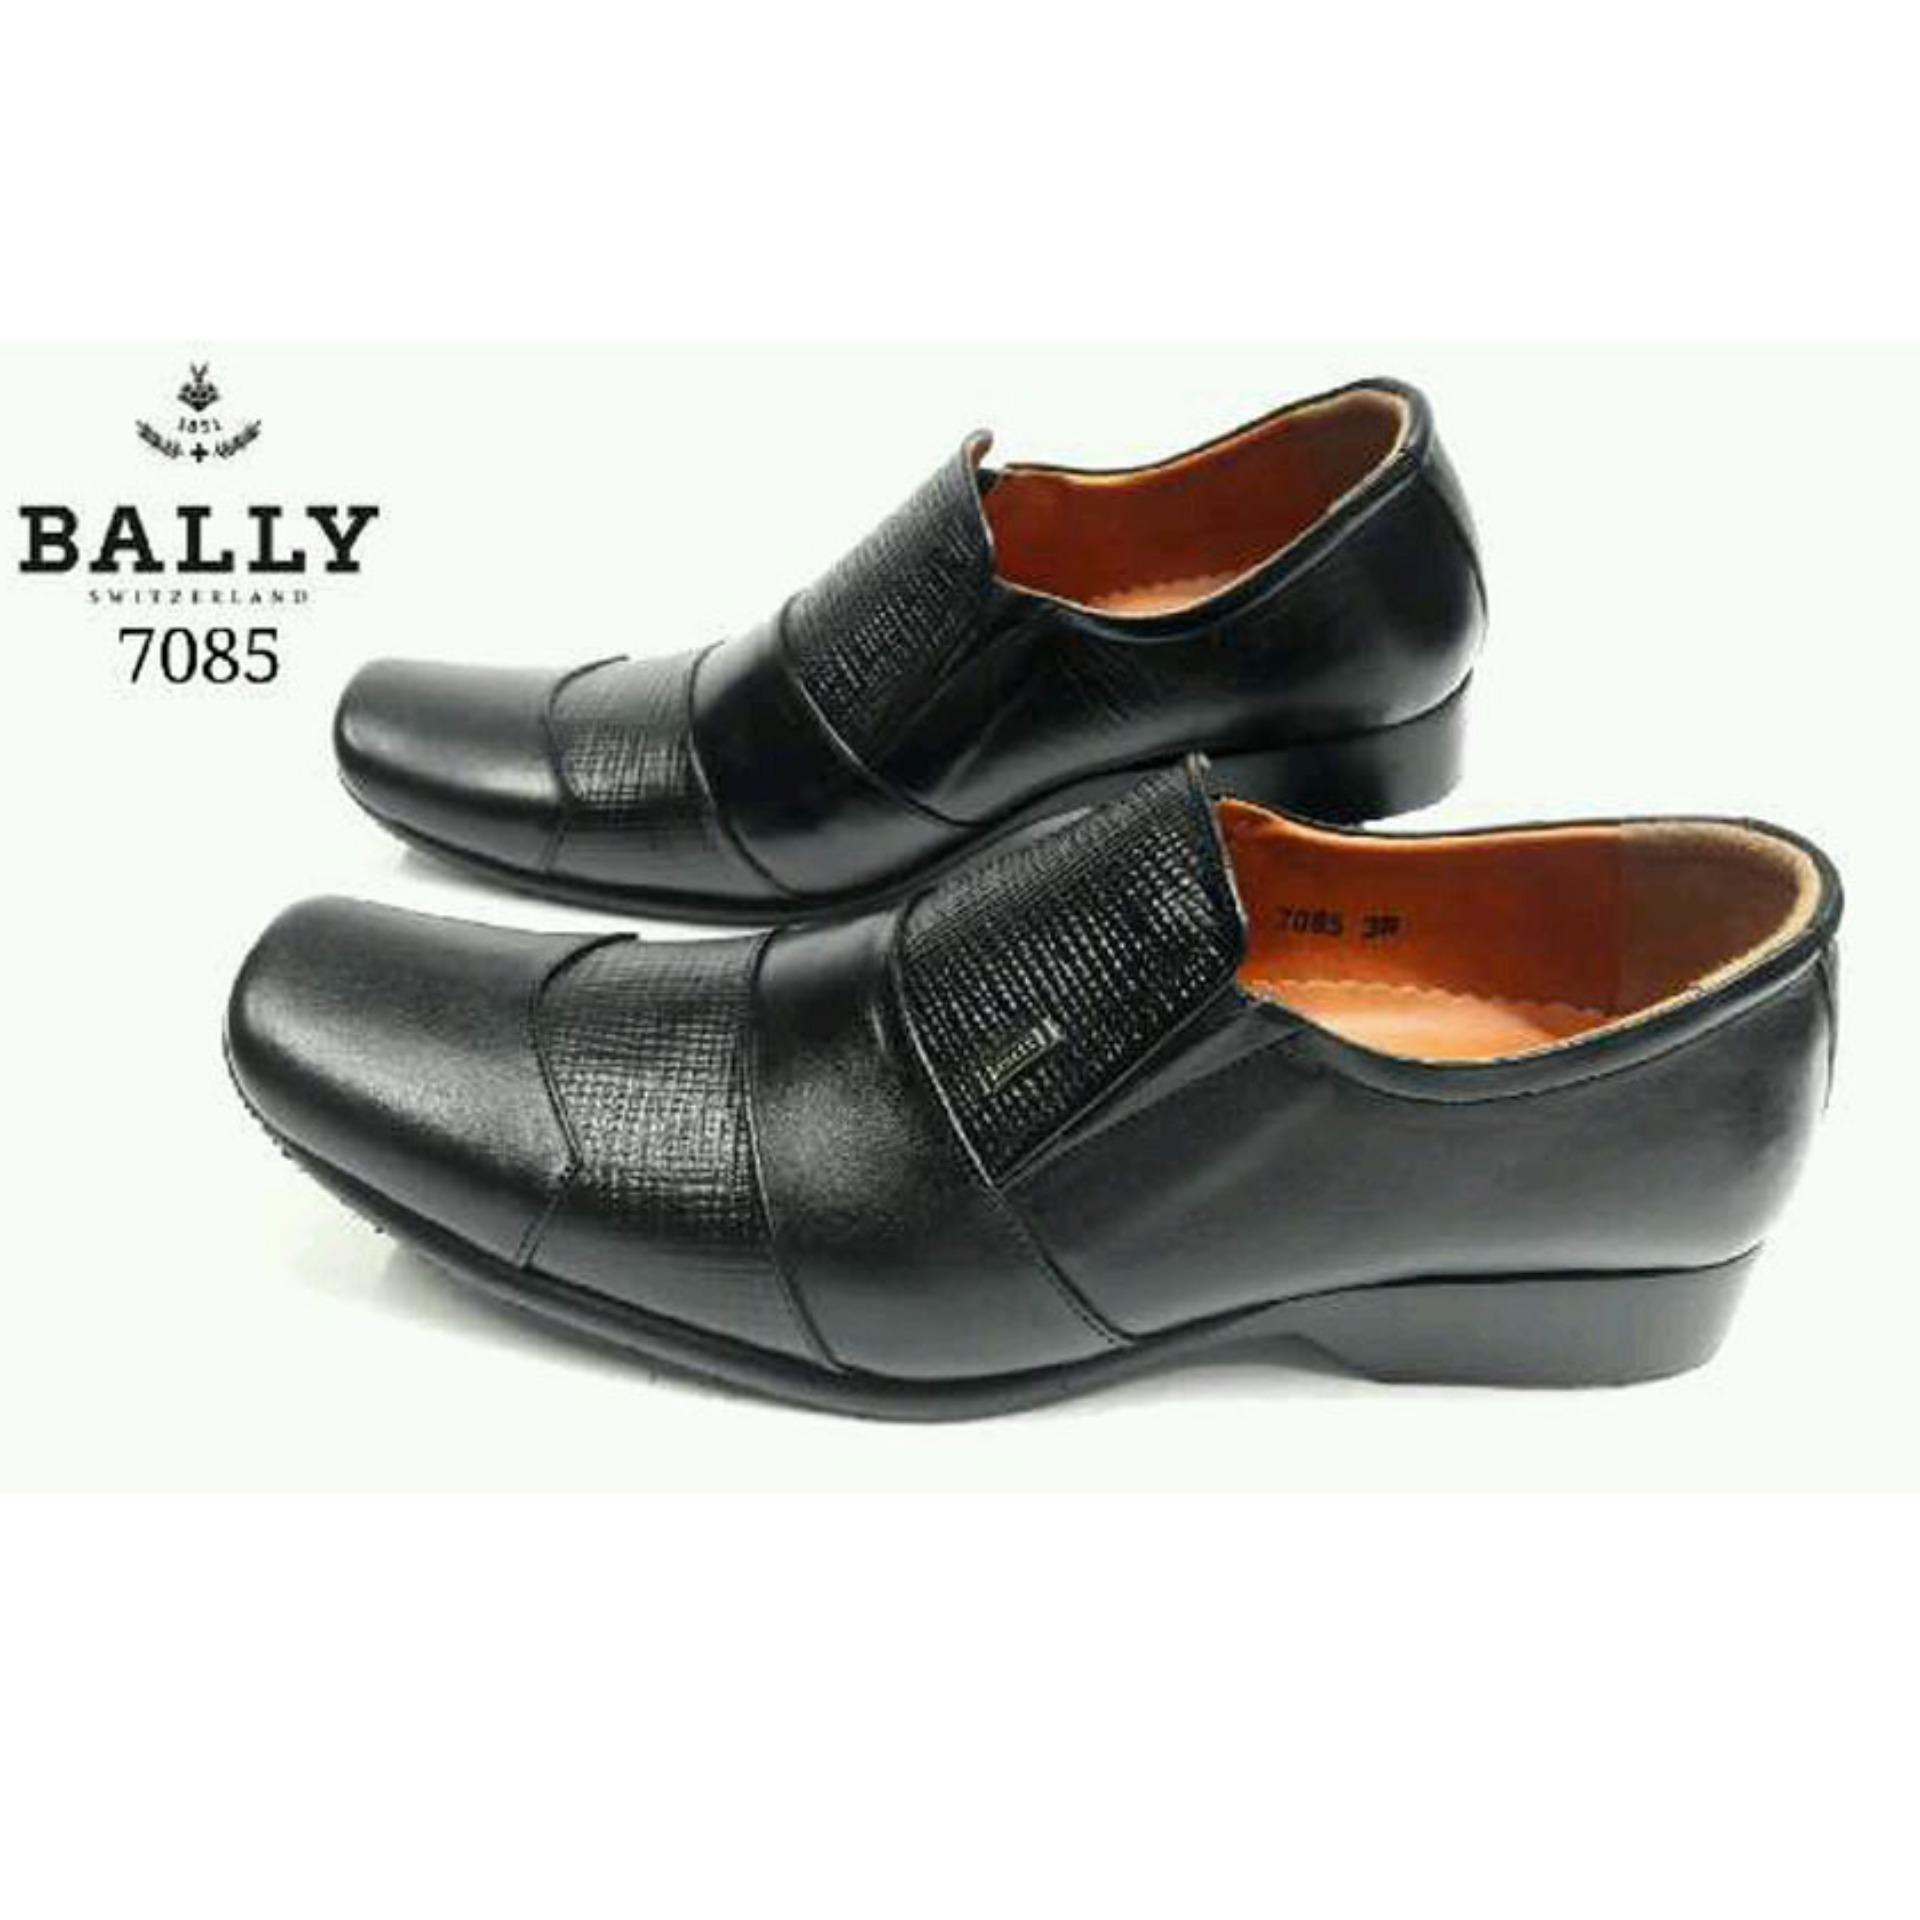 Jual Bally Switzerland Sepatu Formal Pria Kulit Asli 7085 Murah